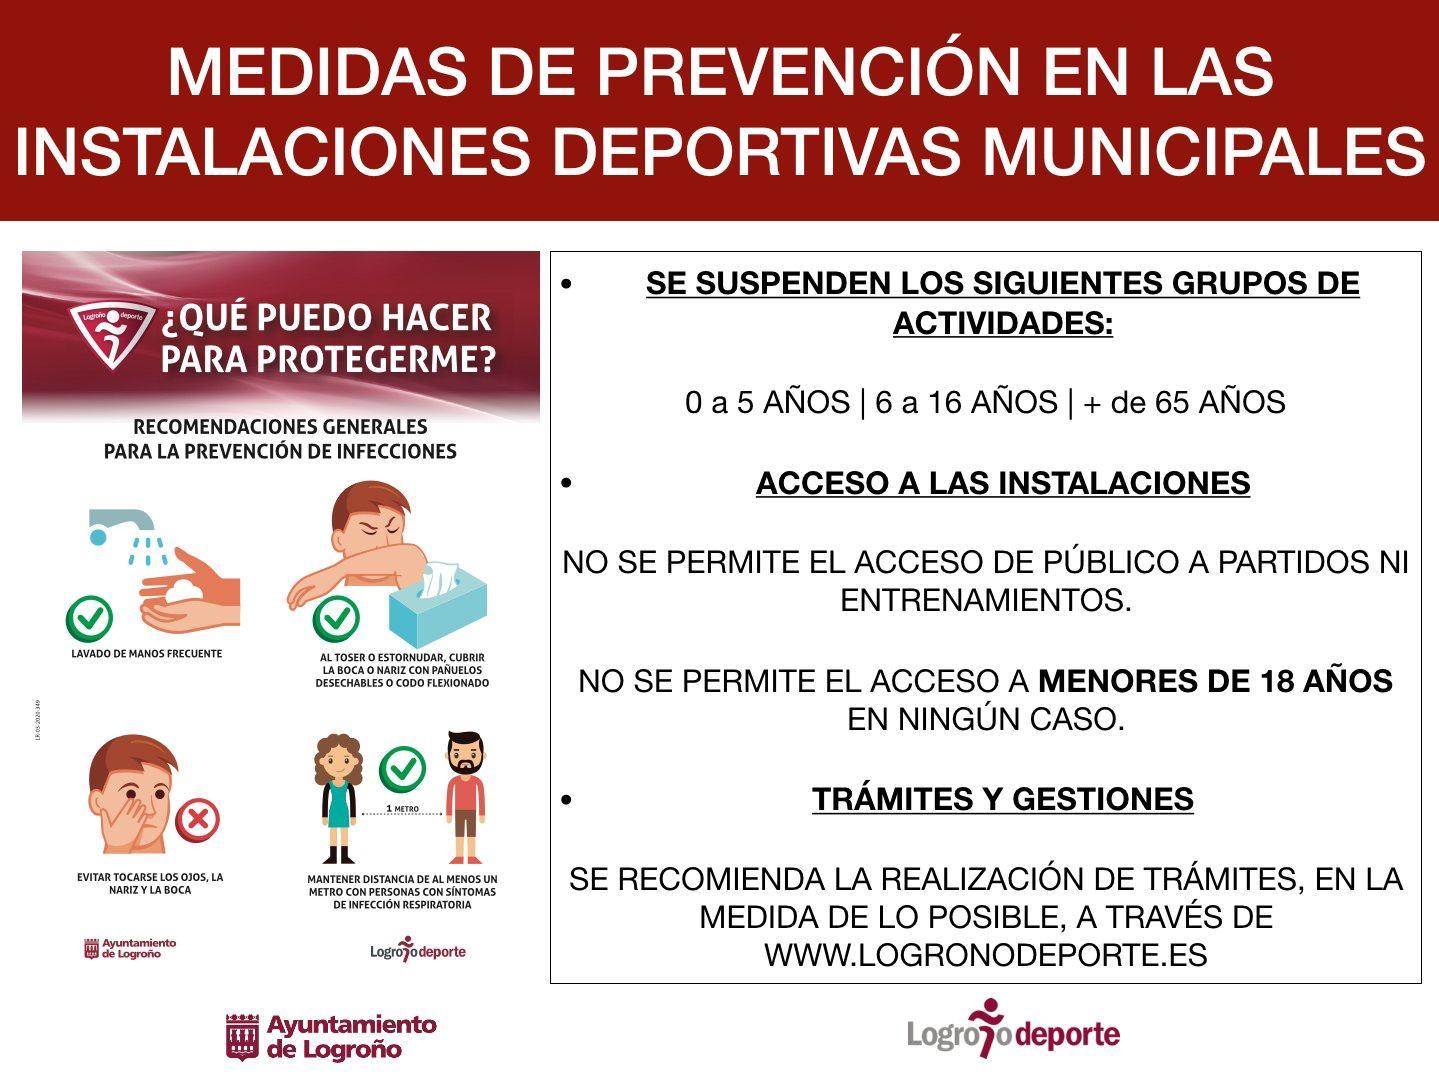 Medidas de prevención en las instalaciones deportivas municipales